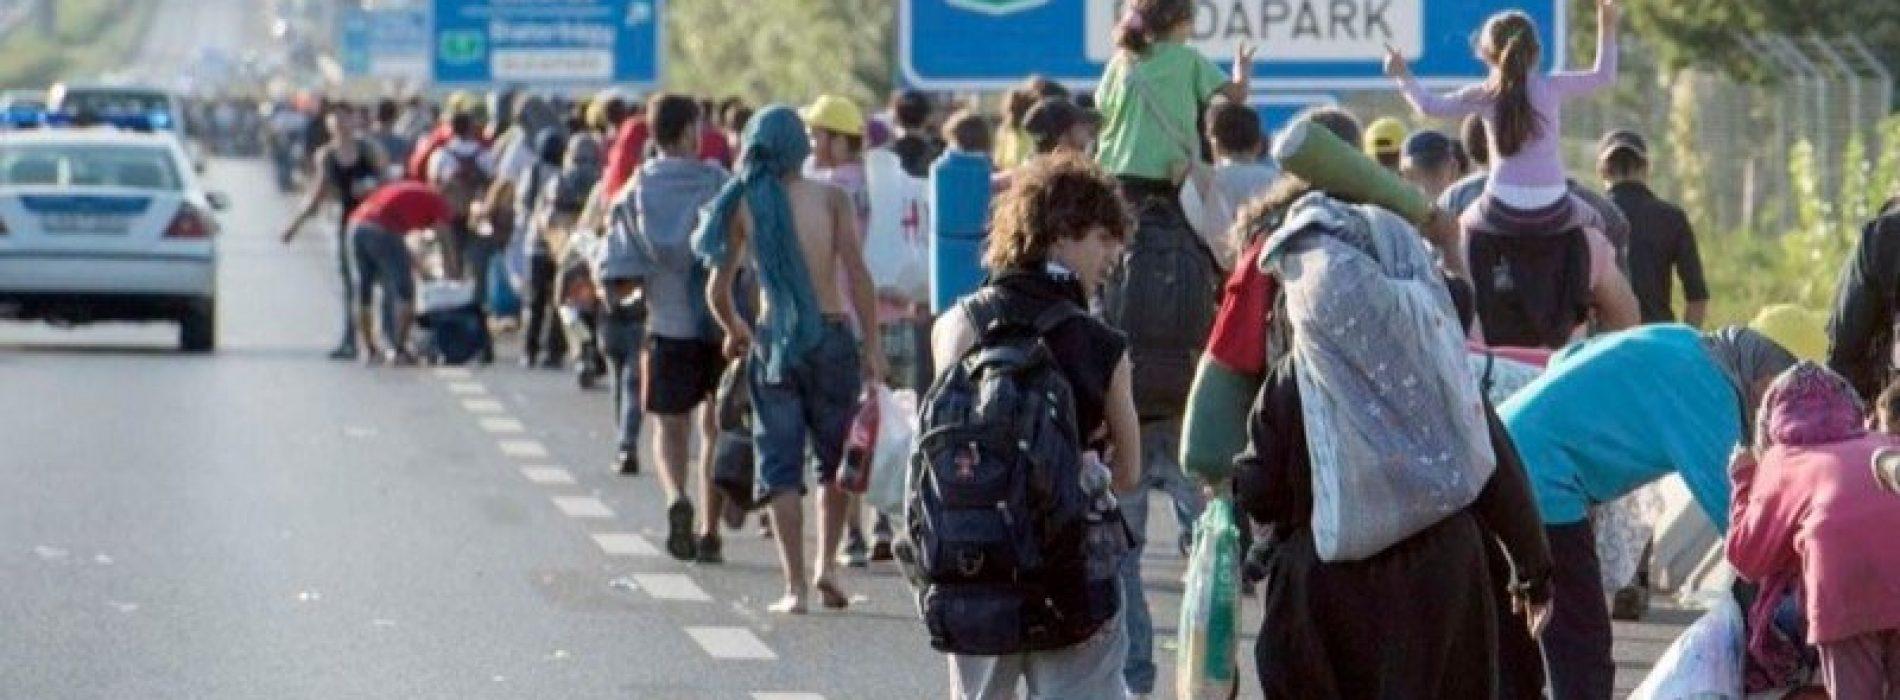 Il Ruanda potrebbe ospitare persone in cerca di asilo in Danimarca